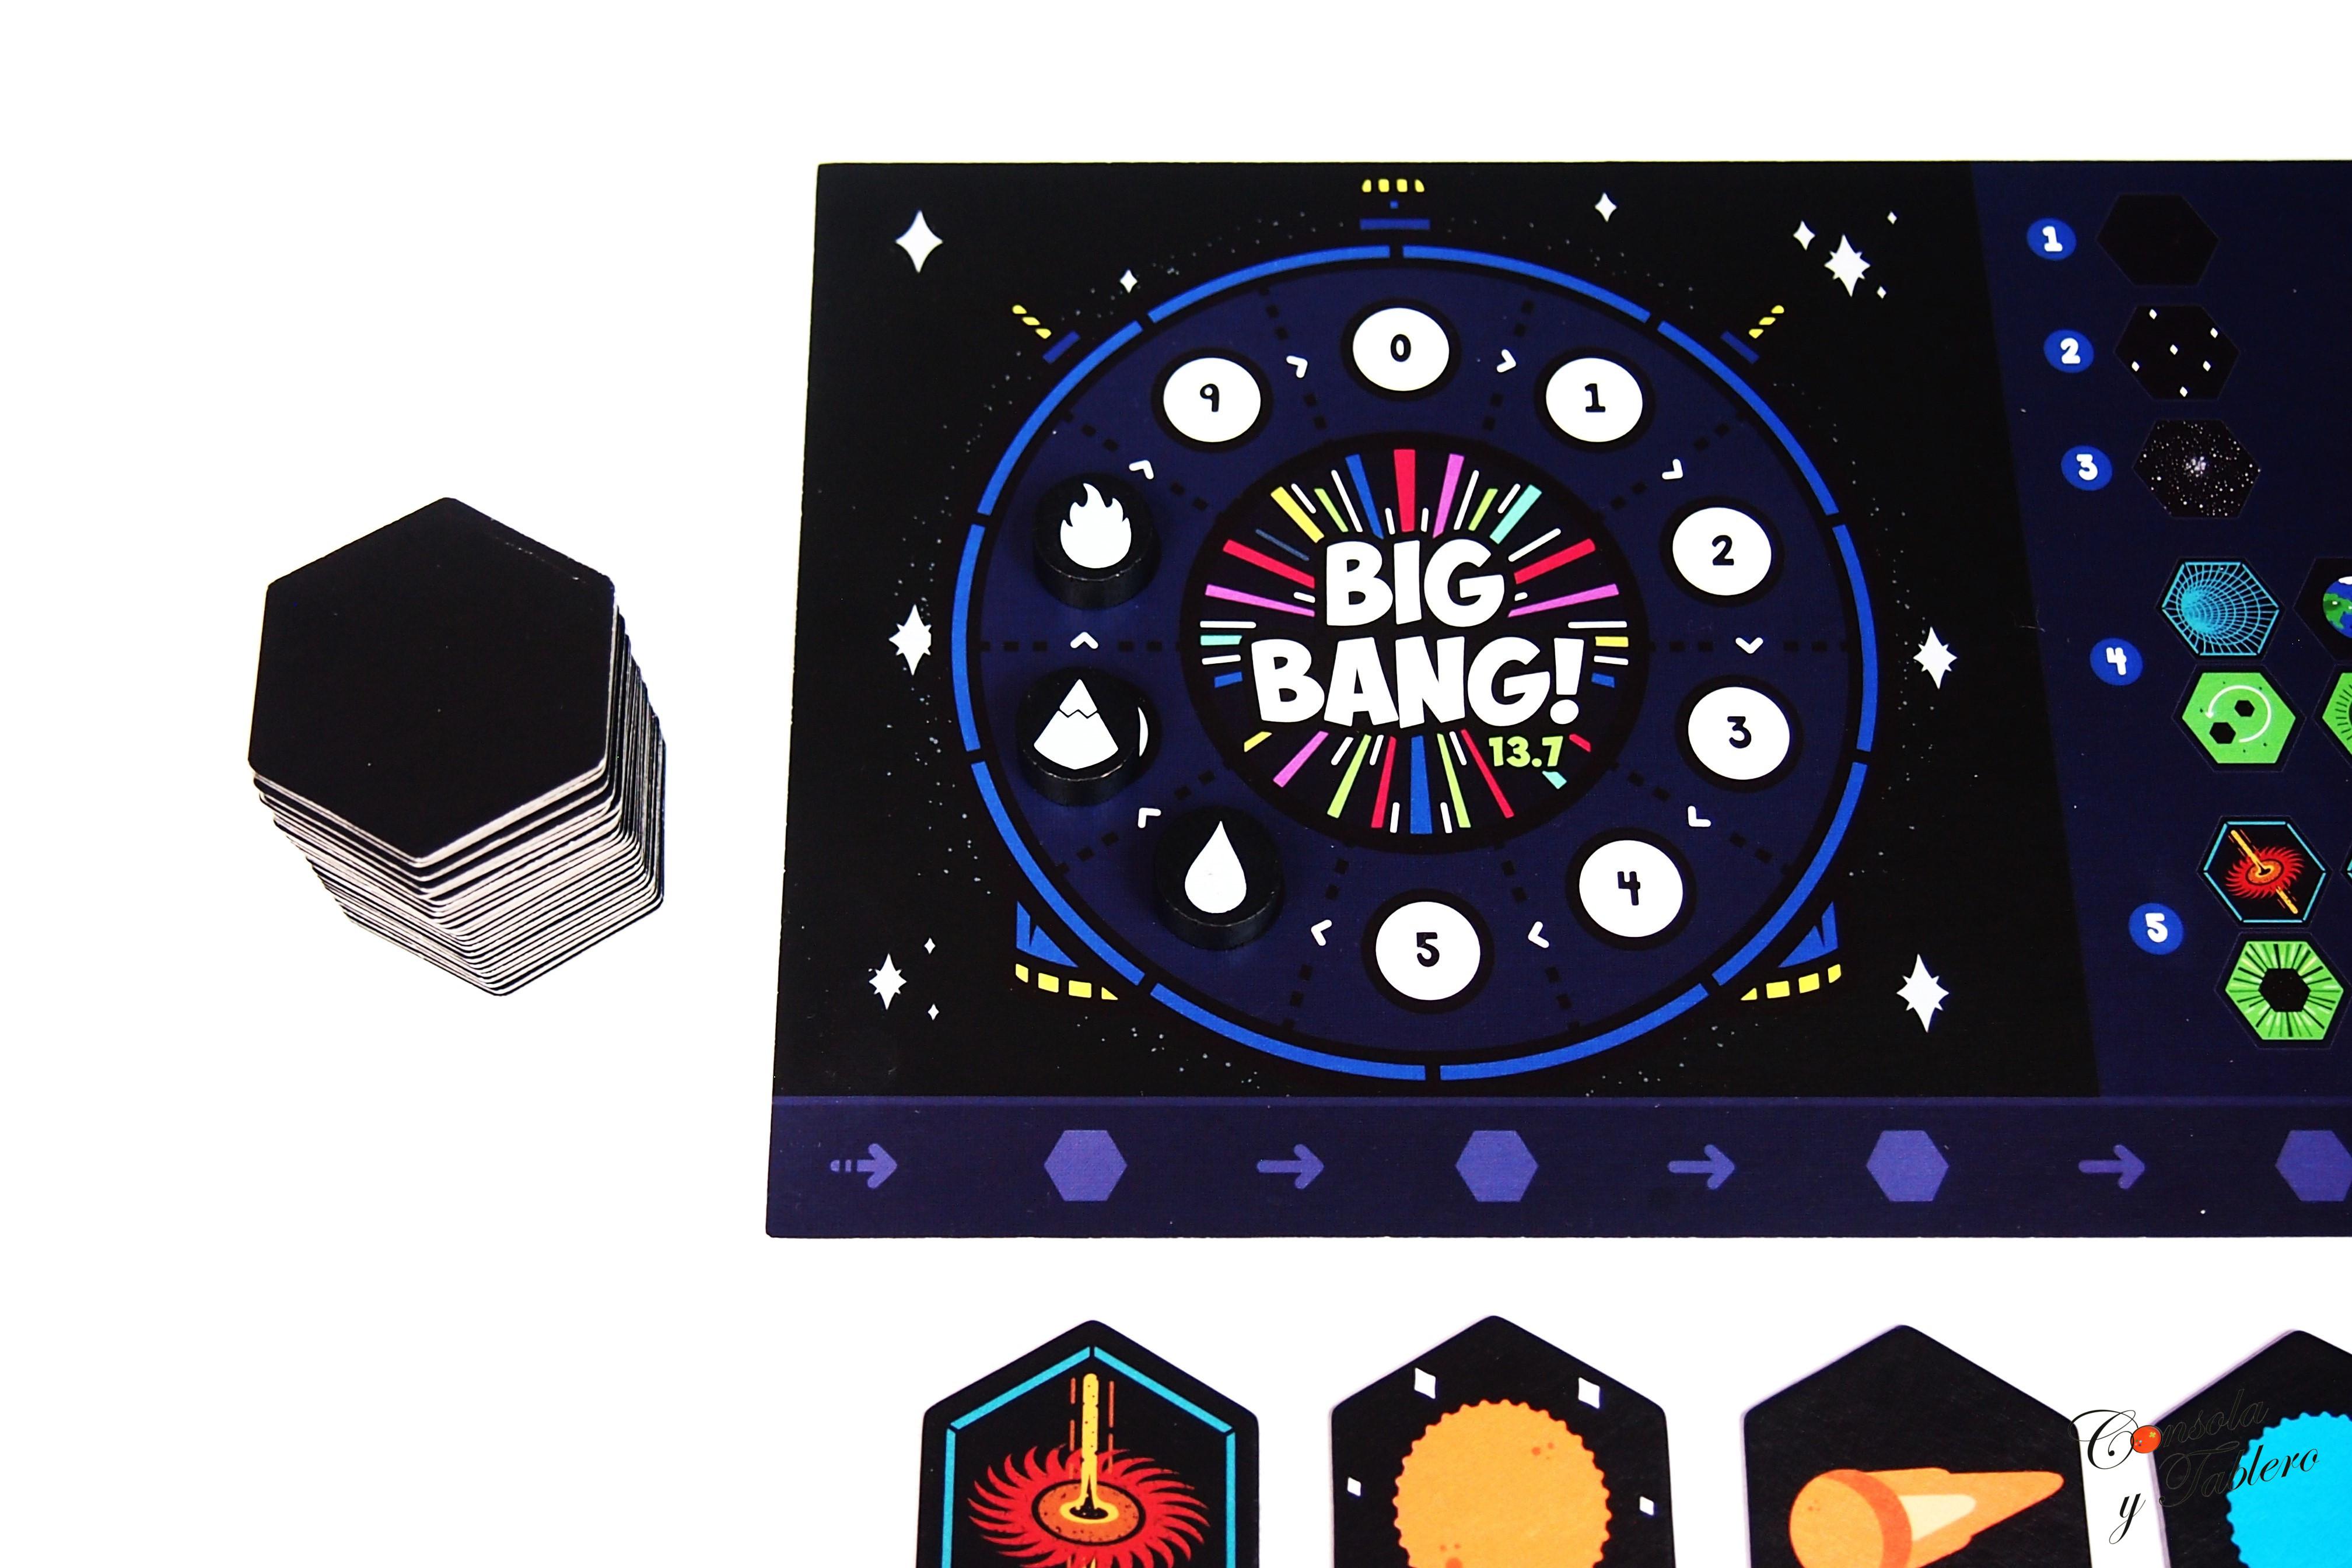 Big Bang! 13.7